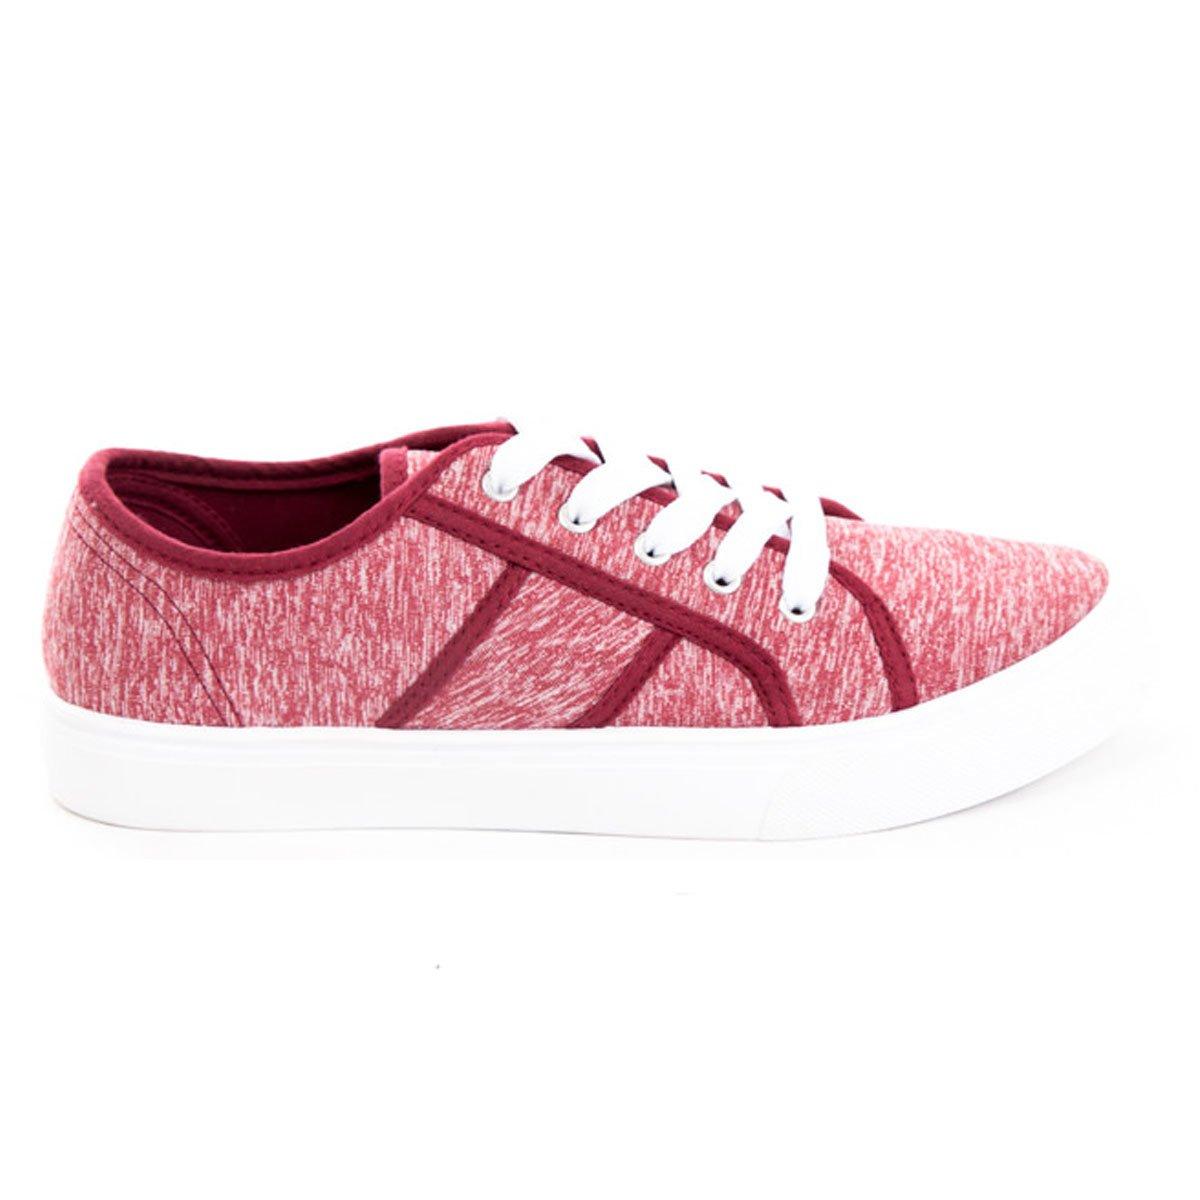 c27ca9cfcbe Amazon.com | Soho Shoes Women's Lightweight Casual Tennis Fashion ...